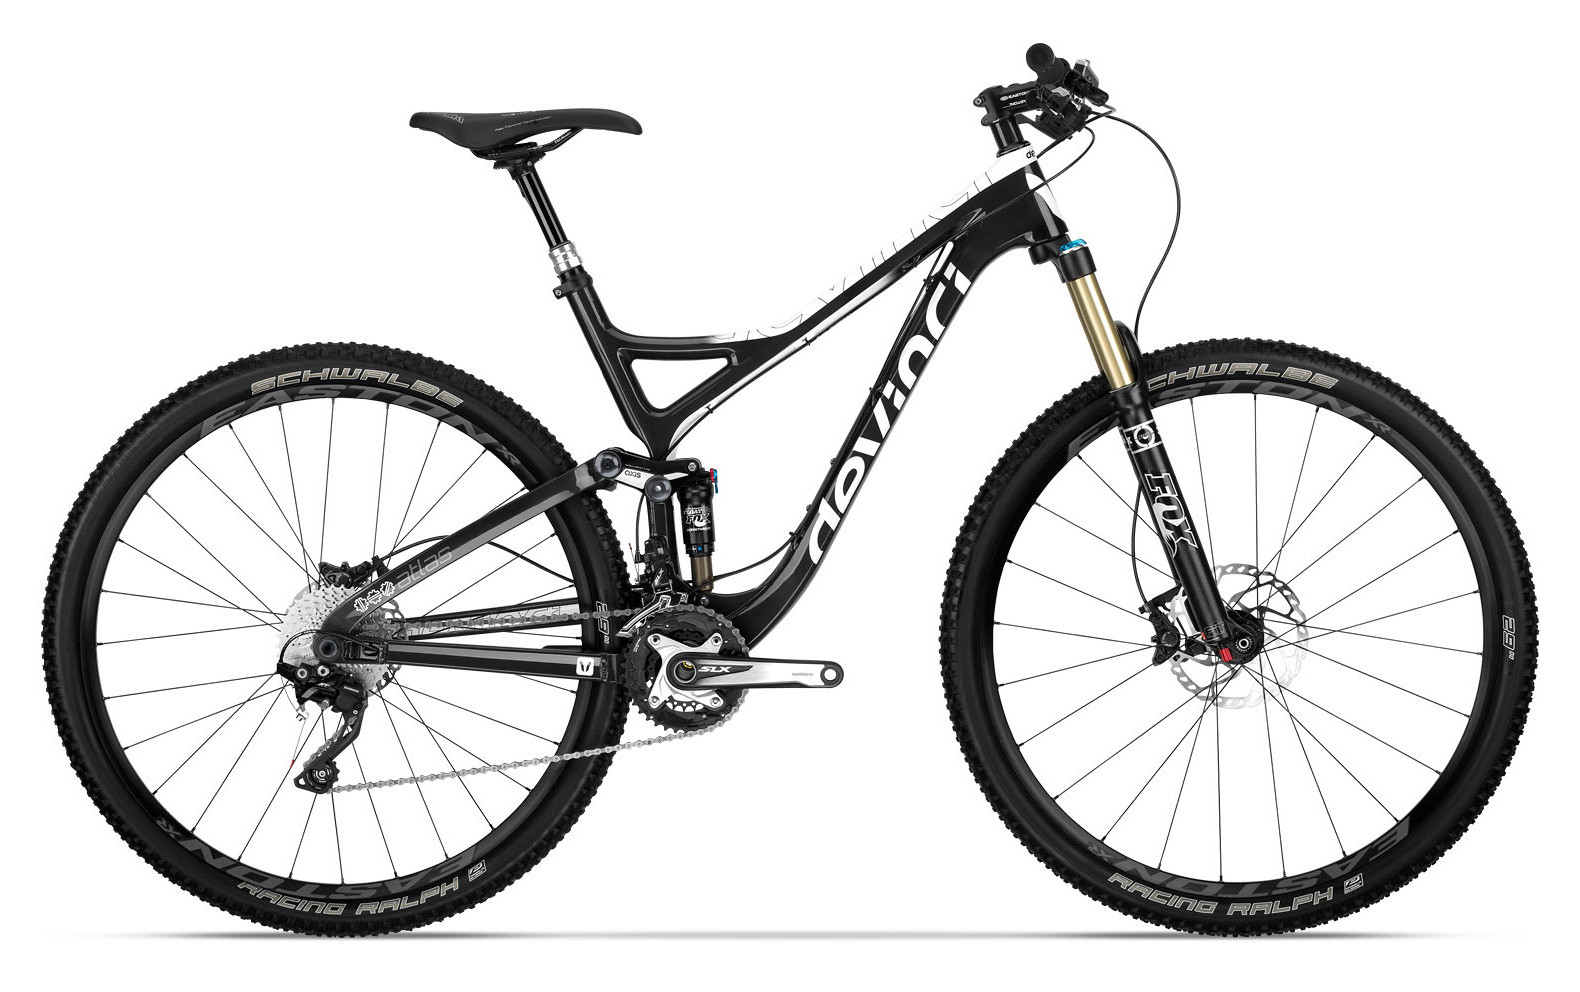 Bike - 2014 Devinci Atlas Carbon RX